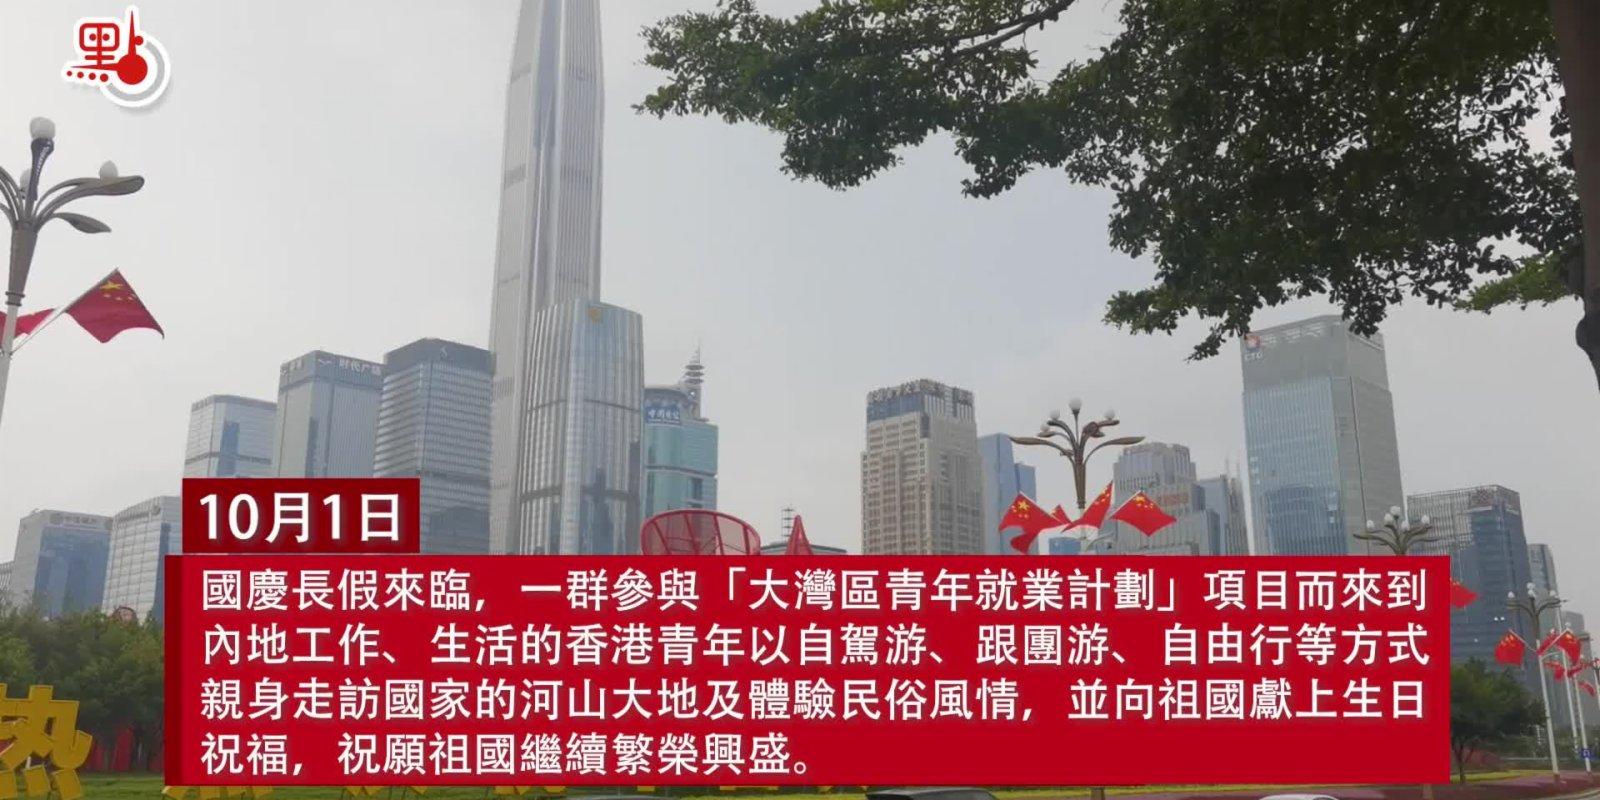 慶國慶 港青暢遊神州獻祝福